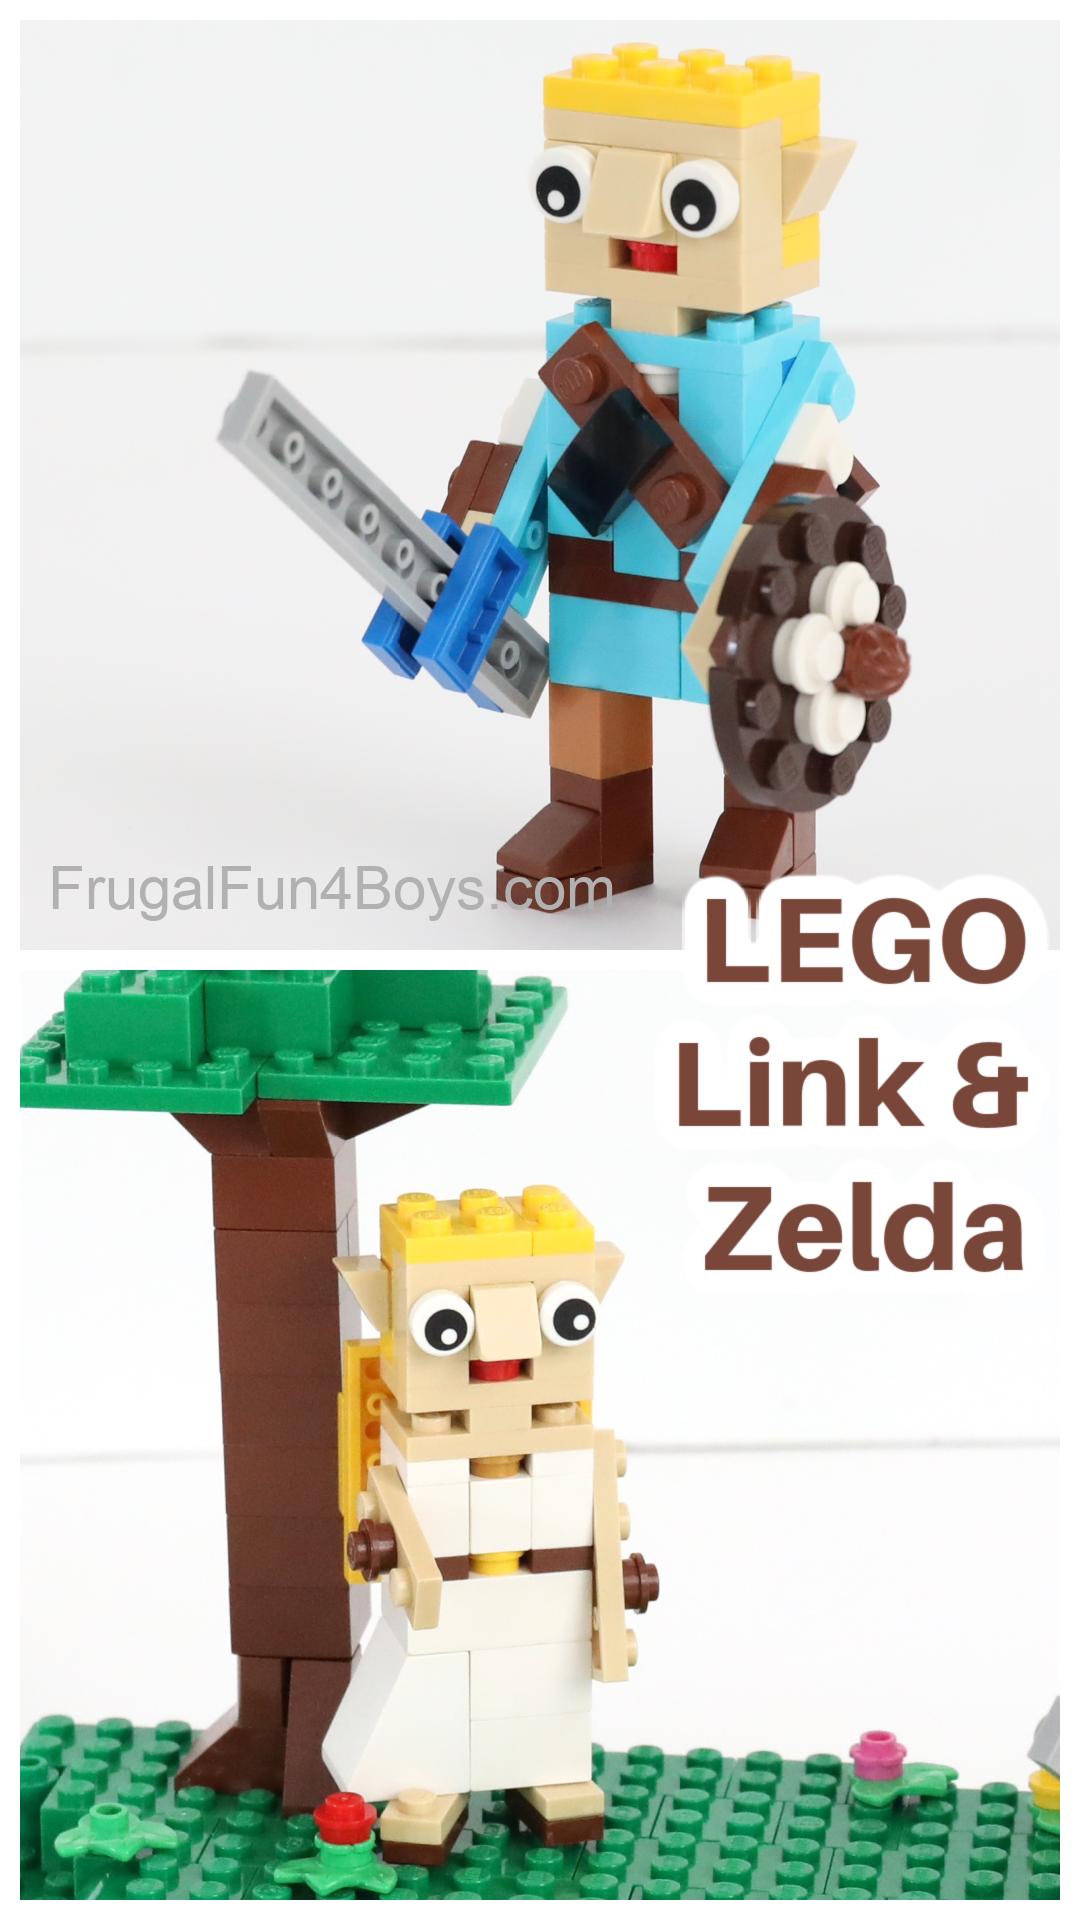 Lego Link and Zelda Characters